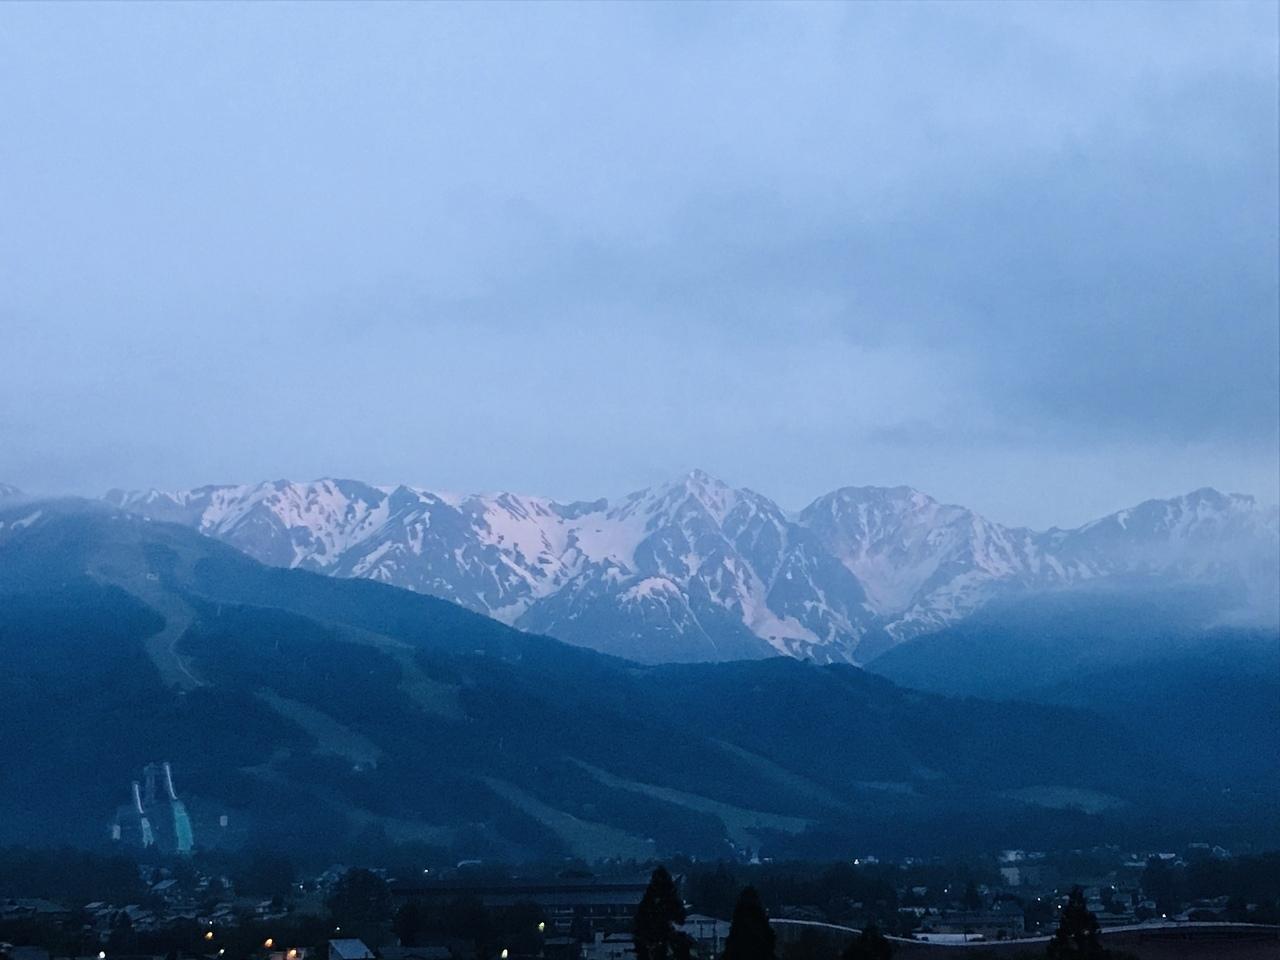 日の出前の鳥のさえずりで目が覚めてしまった(*^^*) いつもはこんなに早く起きられないのに、、、 旅行に来るとなんでこんなにも早起き出来るのか不思議~